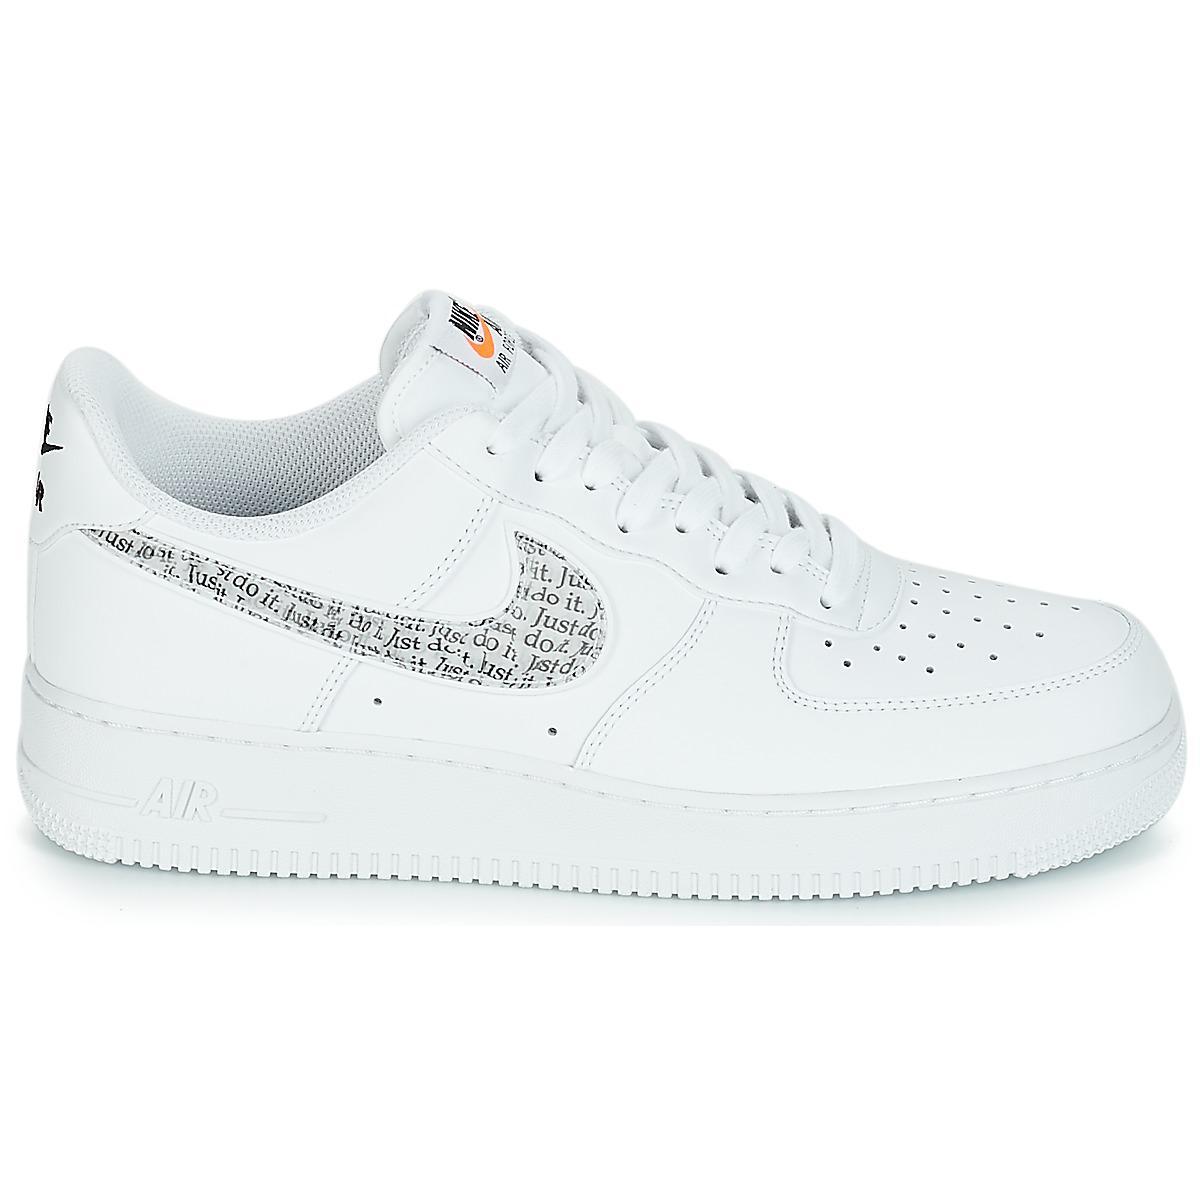 981e26b239c Nike - White AIR FORCE 1  07 LV8 JUST DO IT hommes Chaussures en blanc.  Afficher en plein écran